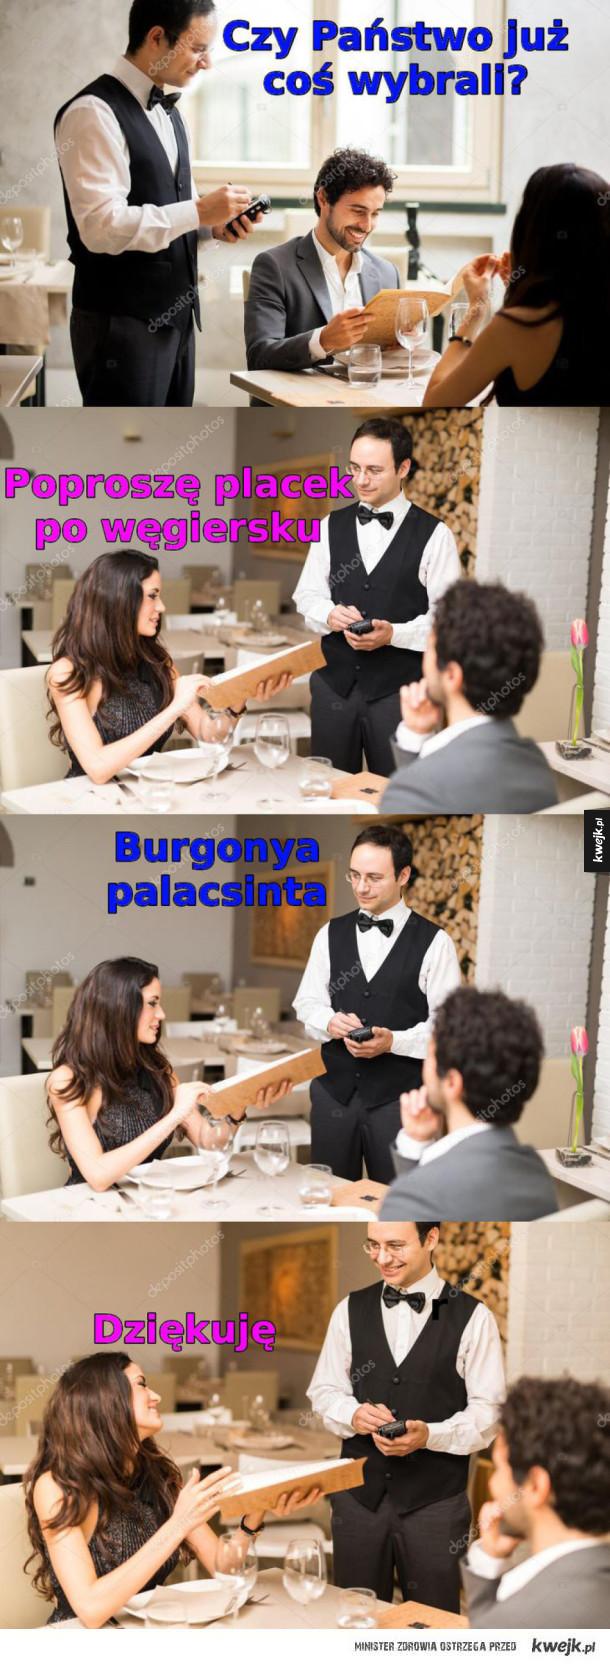 Placek po węgiersku